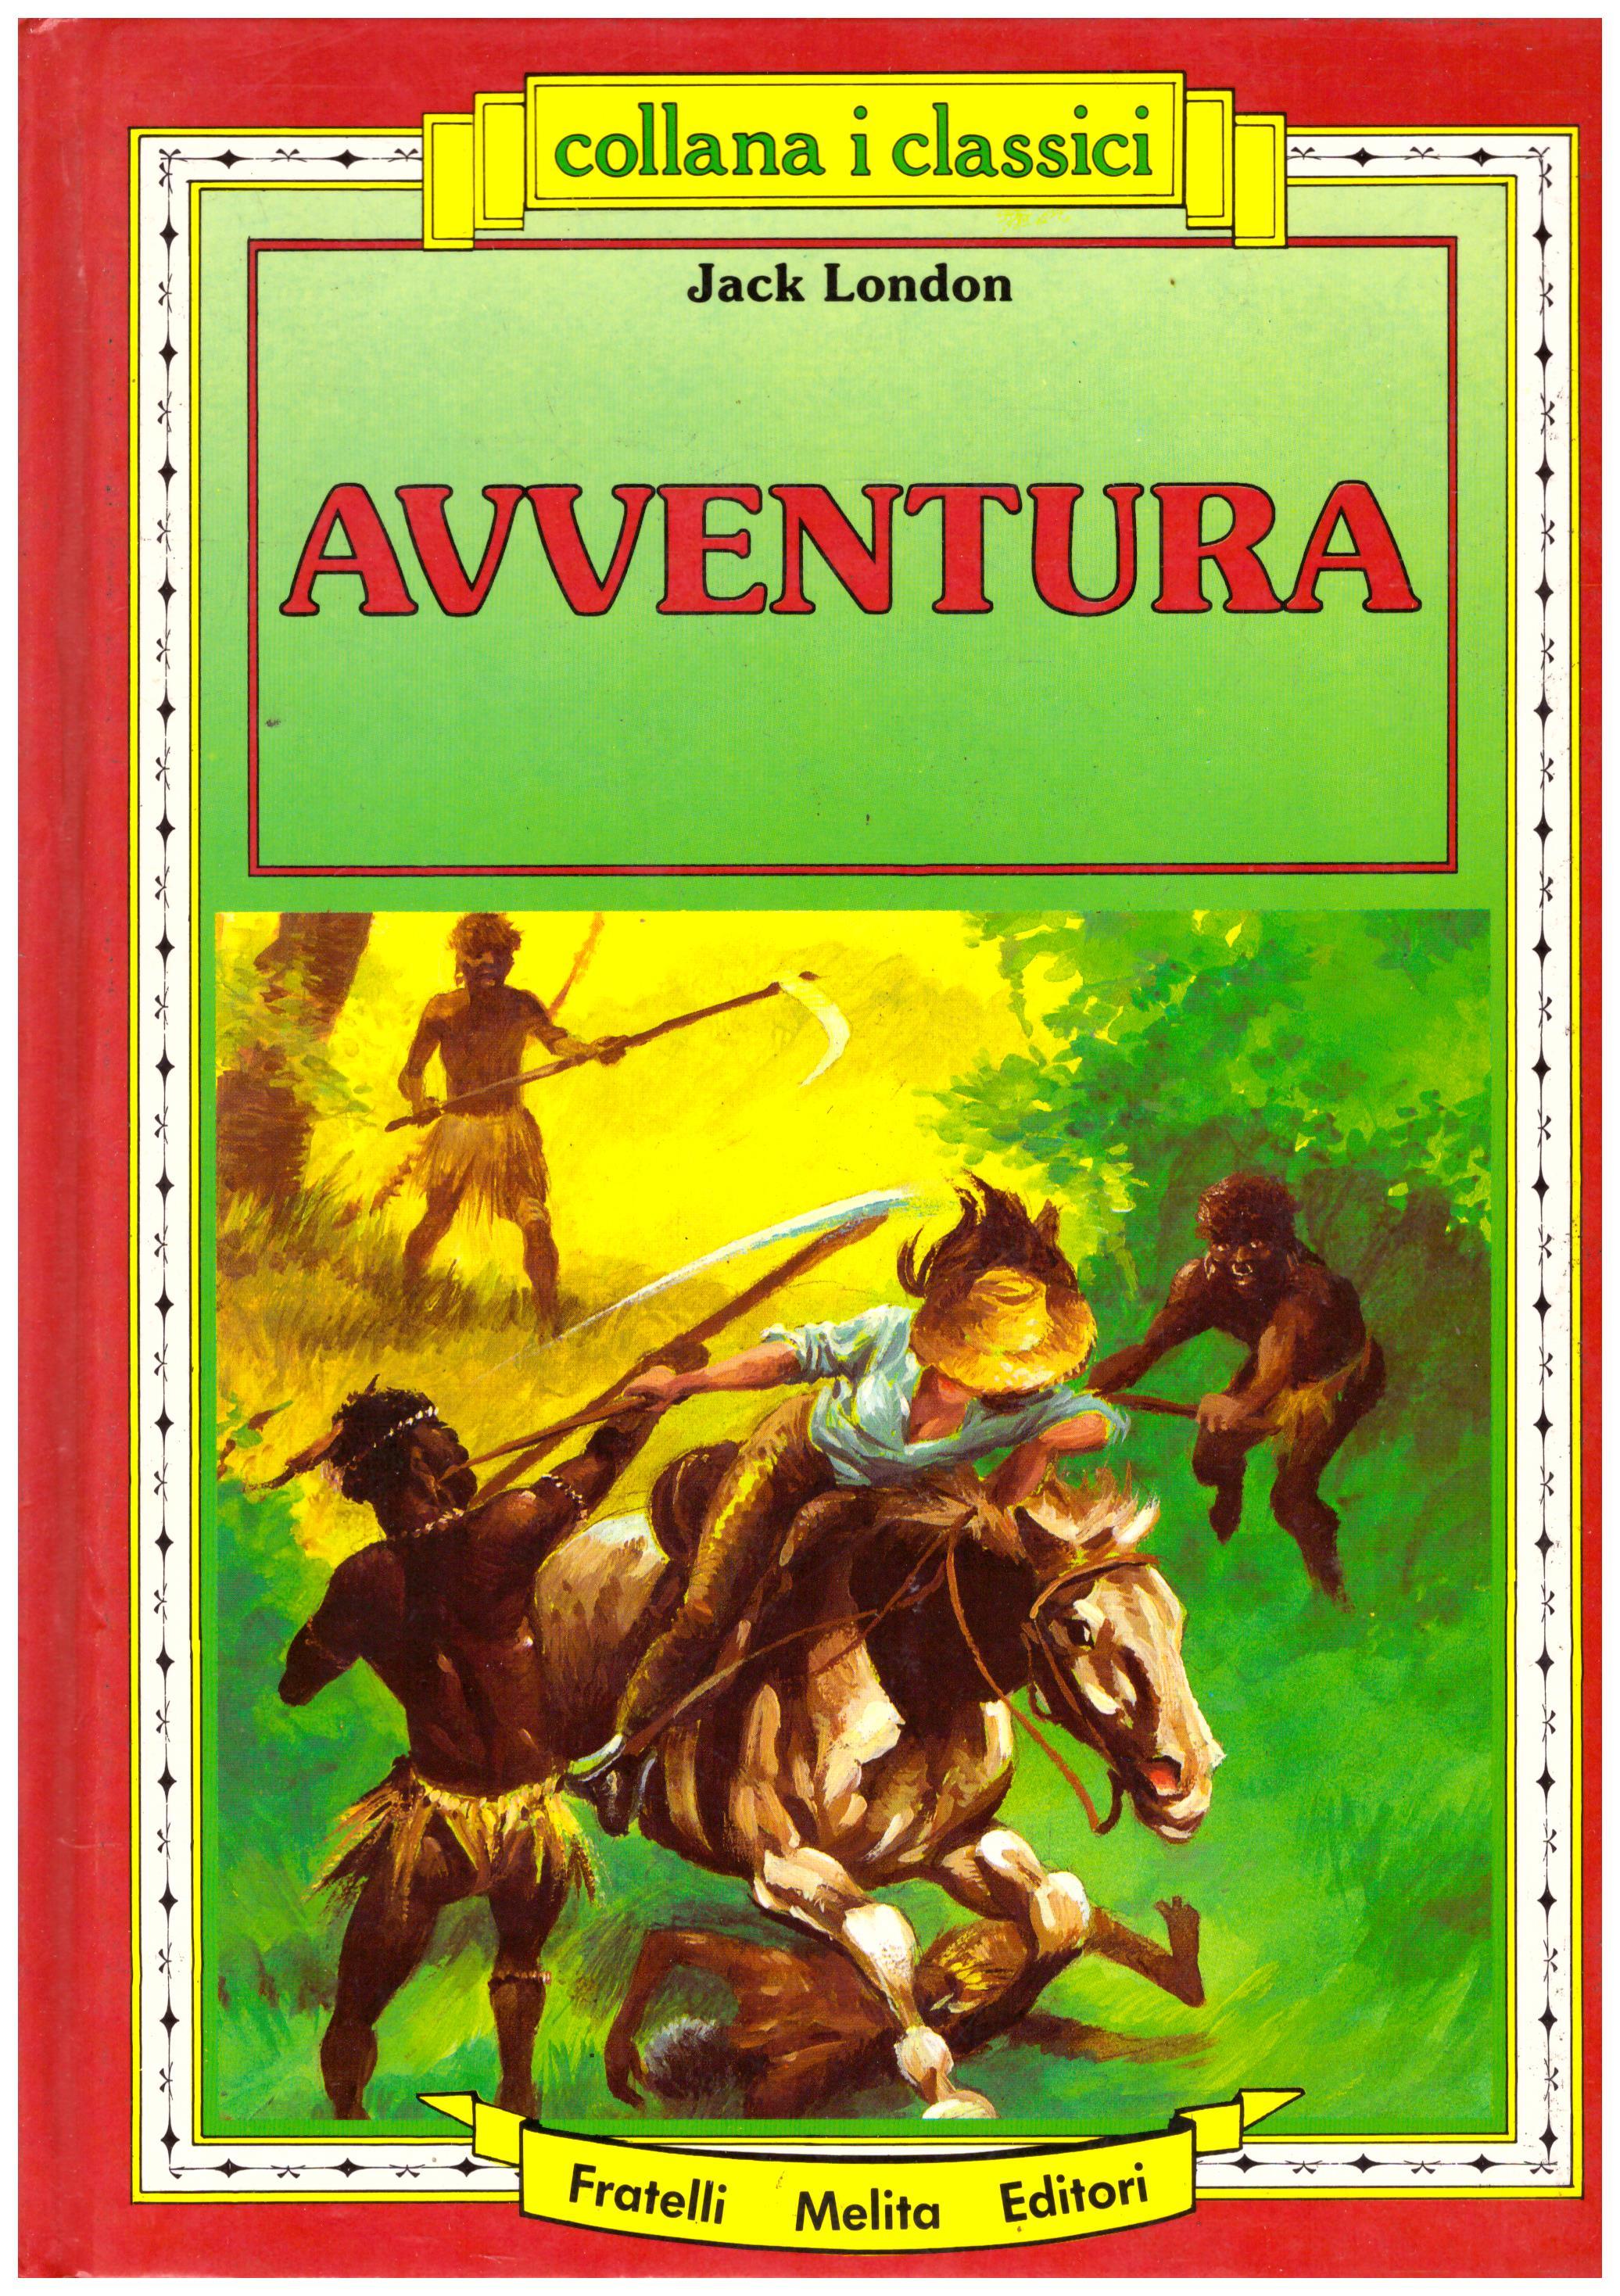 Titolo: Avventura Autore: Jack London Editore: Fratelli Melita, 1988